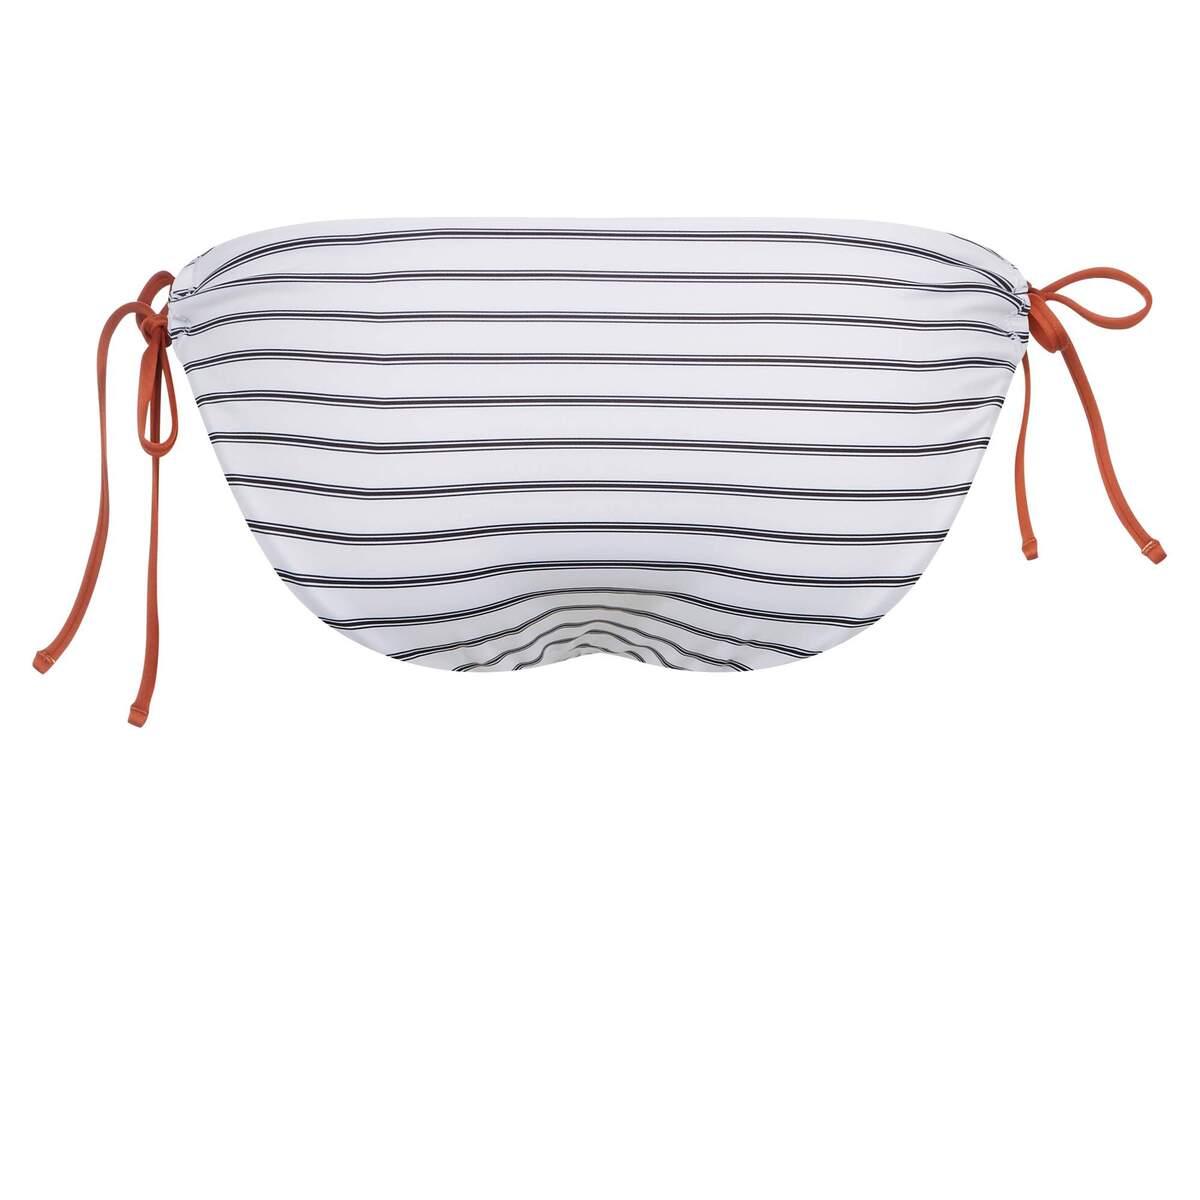 Bild 2 von Patagonia W' S SIDE TIE BOTTOMS Frauen - Bikini